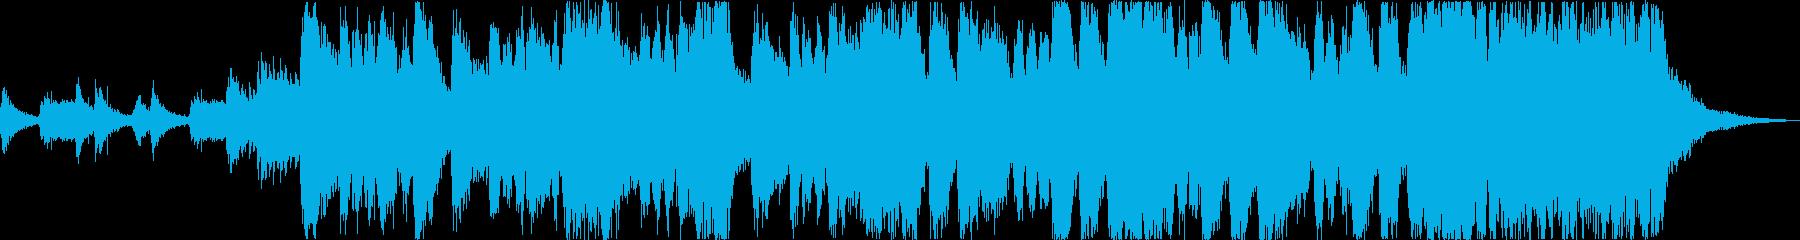 盛大なオープニングファンファーレaの再生済みの波形